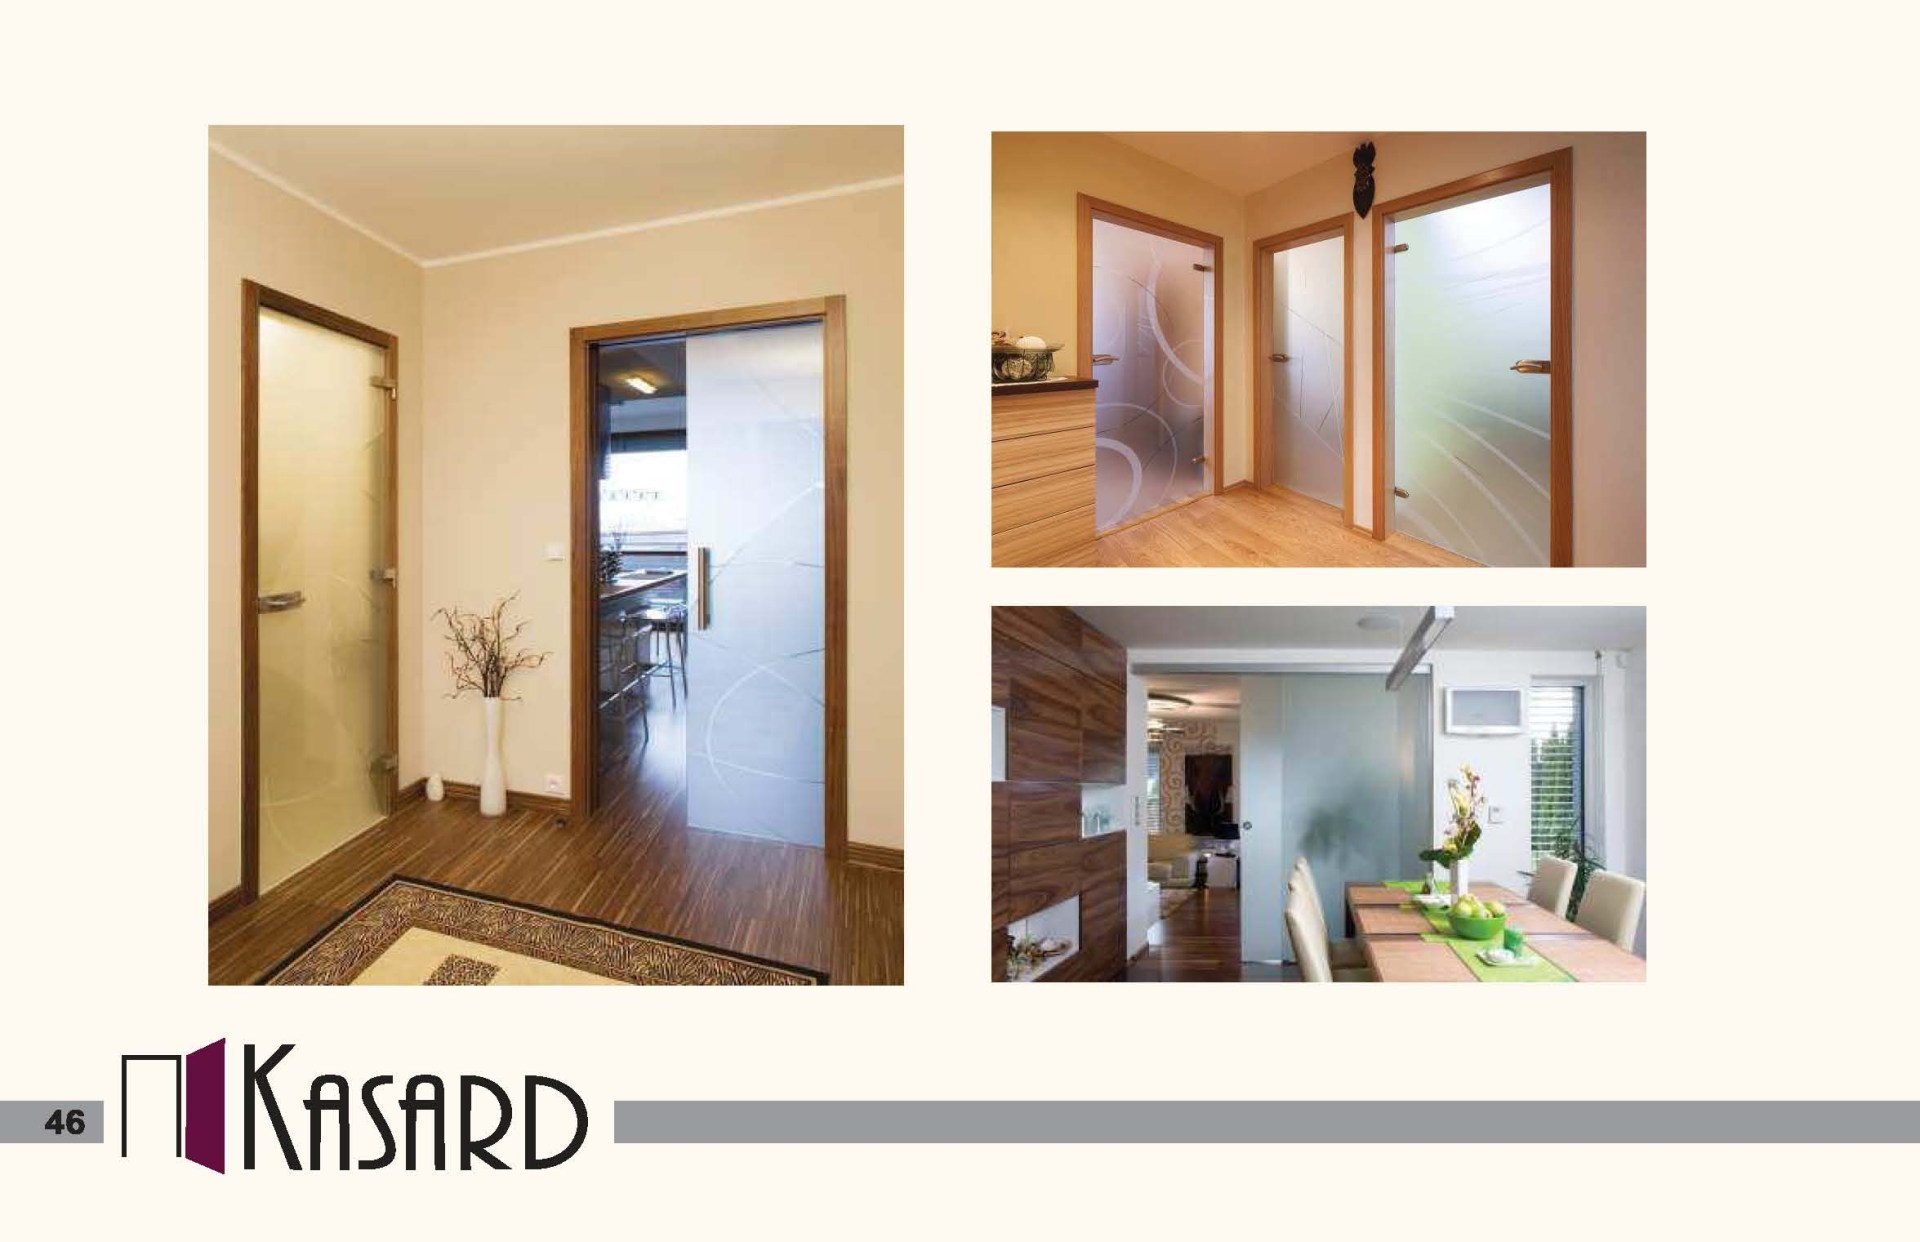 Celoskleněné dveře Kasard